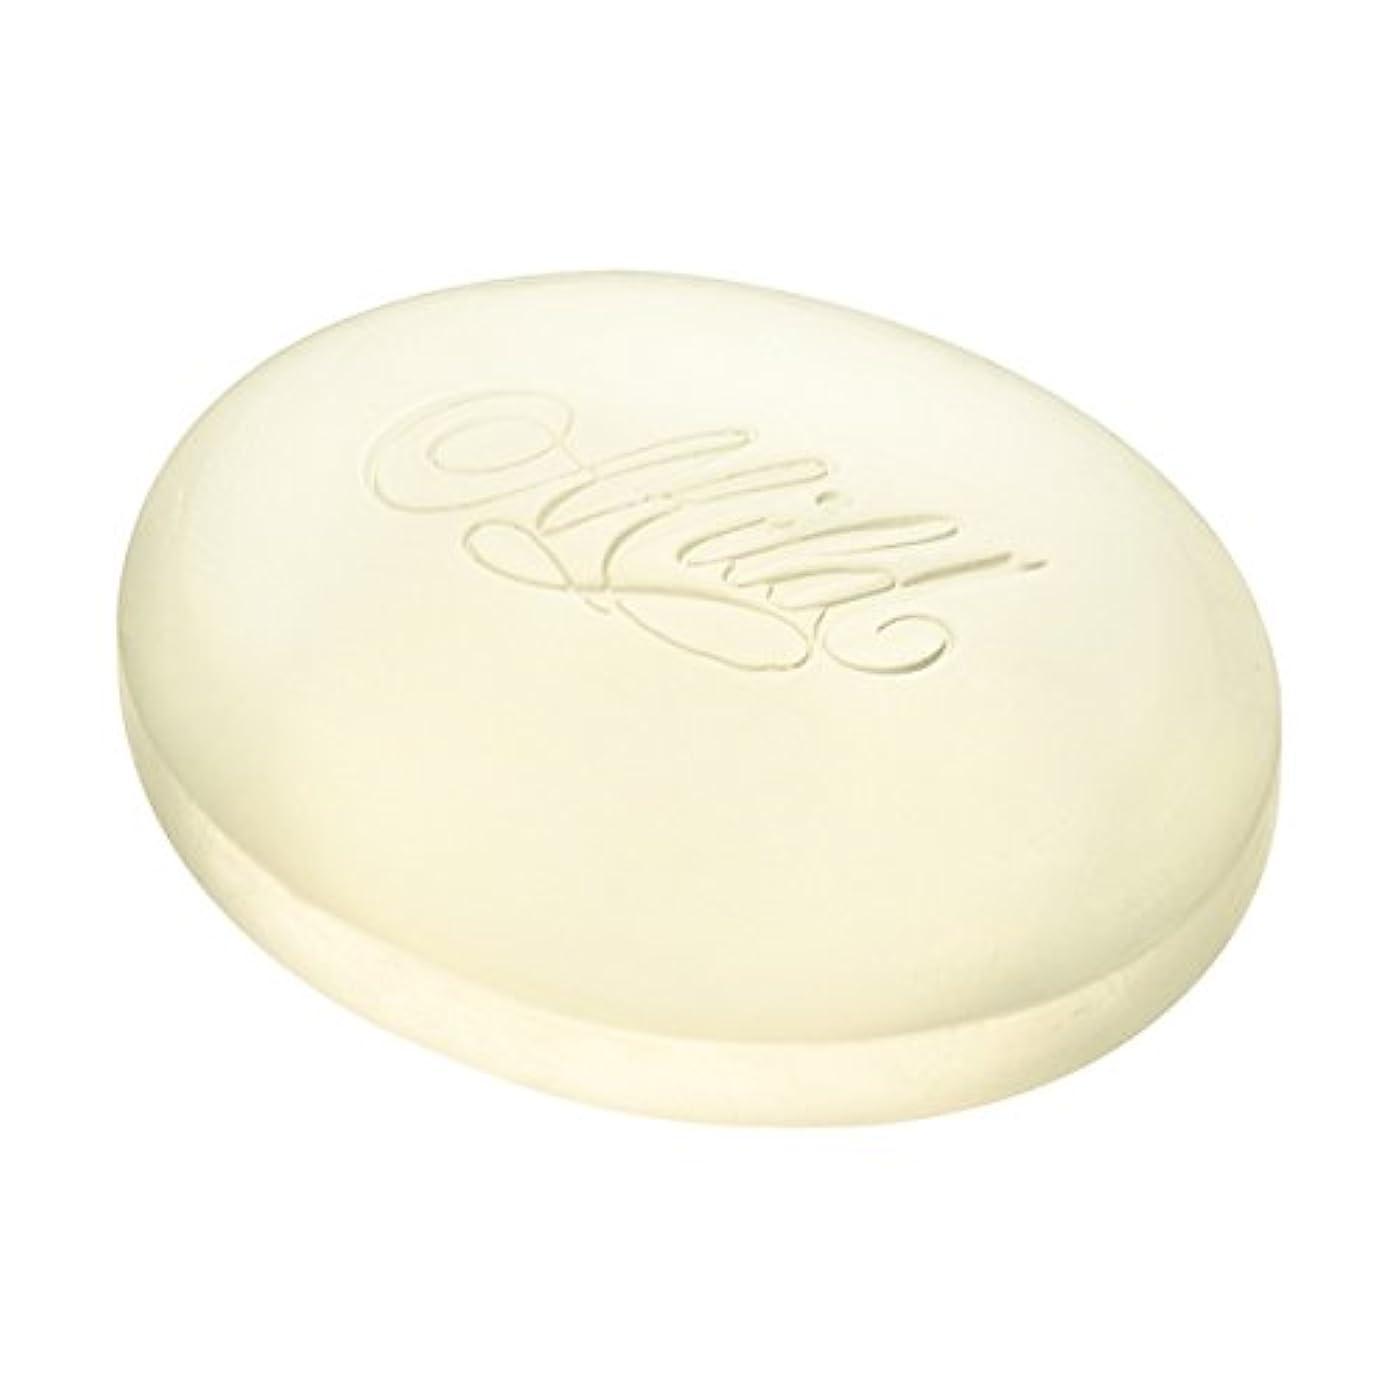 平らにする倫理温度計資生堂 マイルドケーキ 標準重量100g